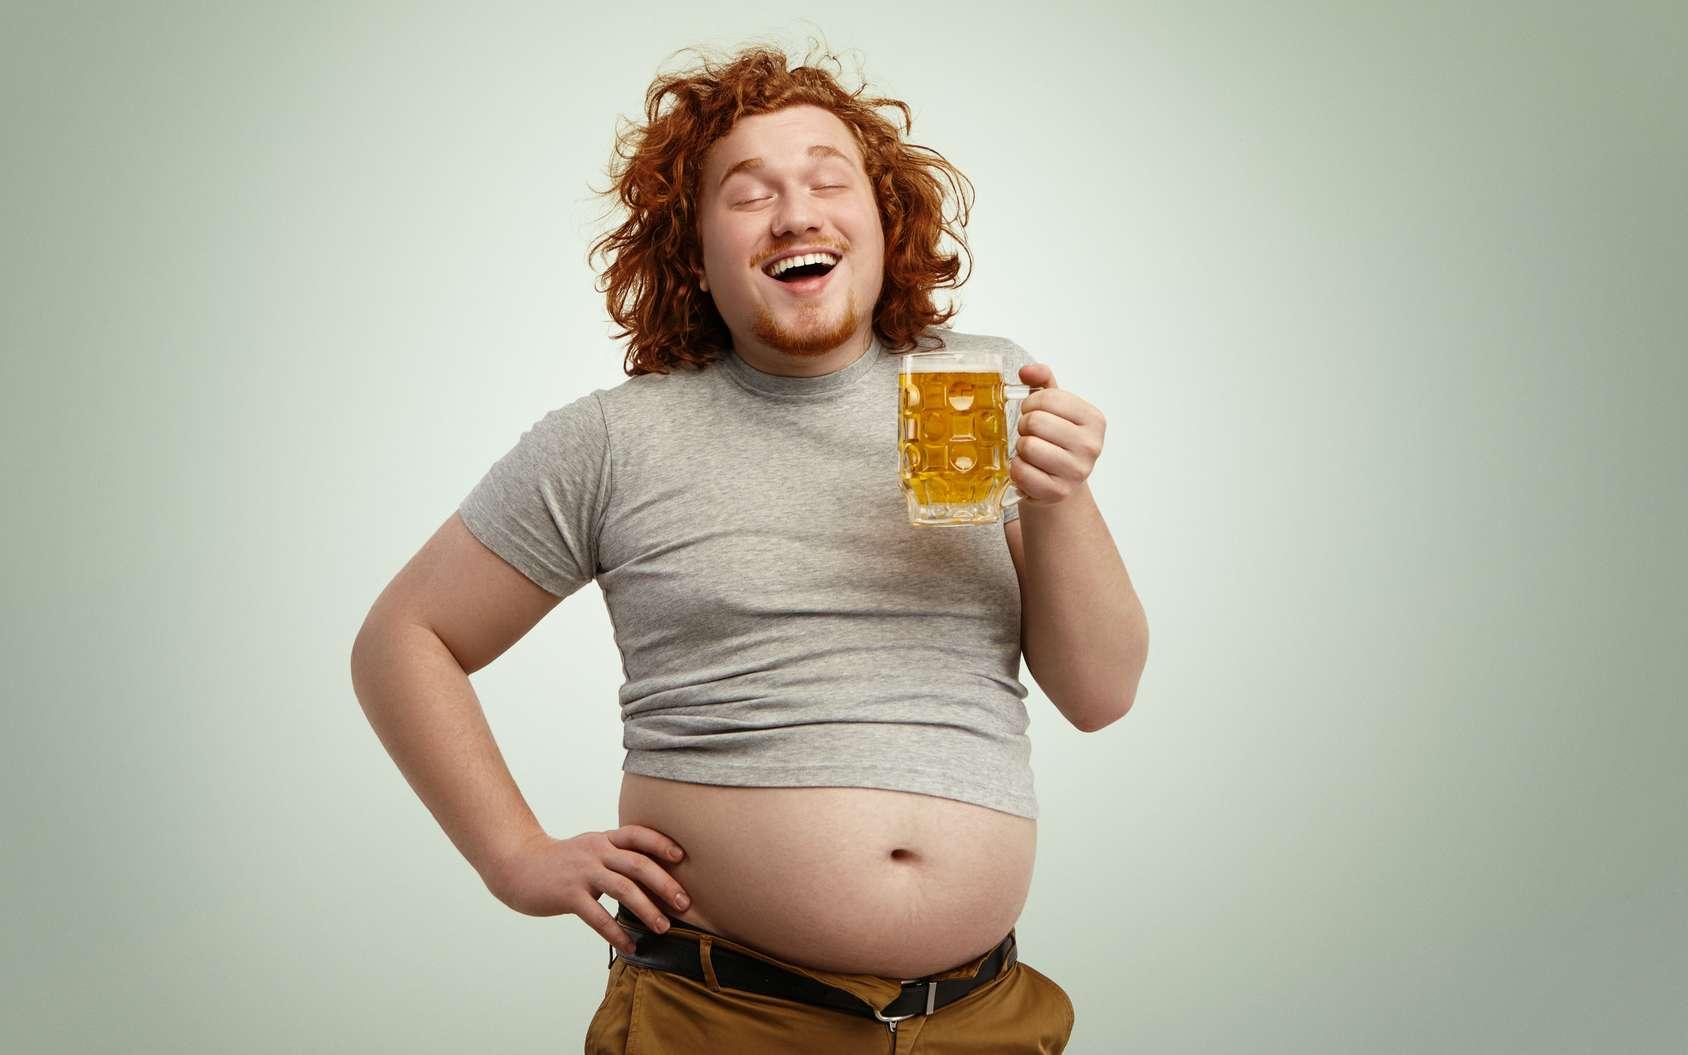 Les hommes grossissent du ventre et les femmes des hanches et des cuisses. Pourquoi ? © Wayhome Studio, Fotolia